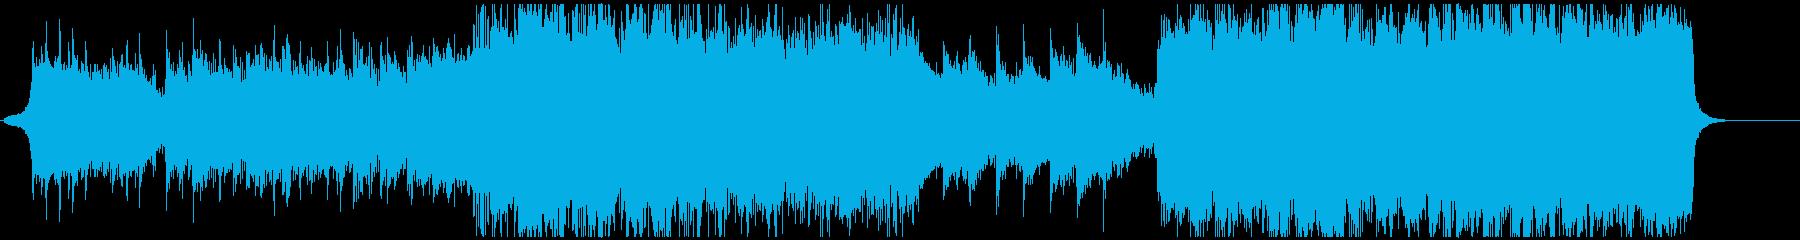 壮大なシンセとストリングスのバラードの再生済みの波形